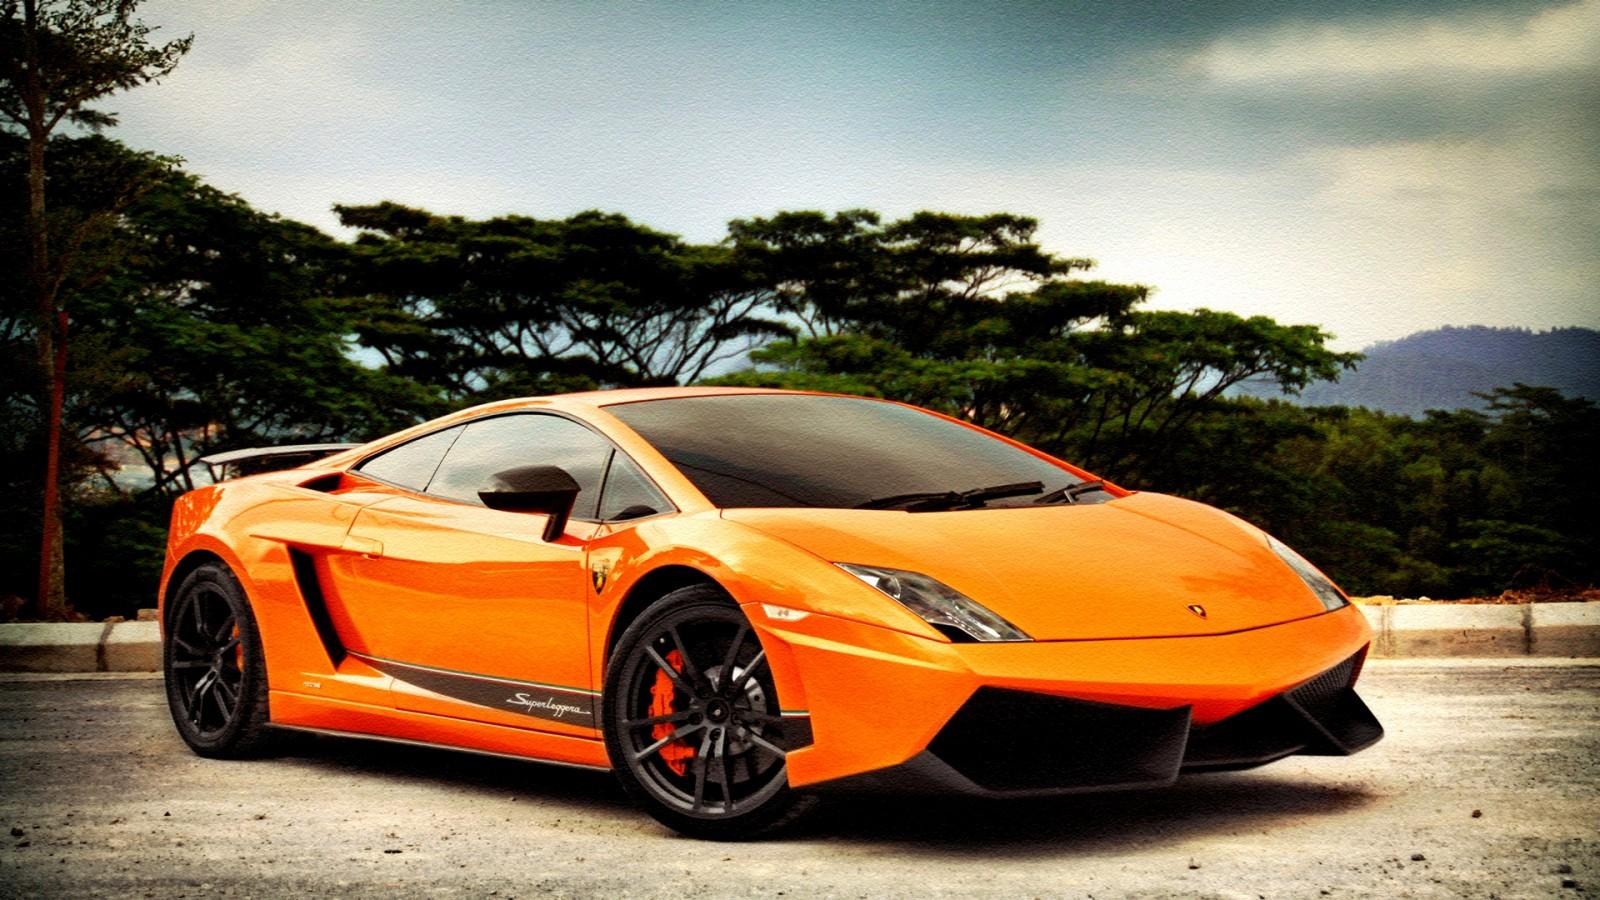 Lamborghini Gallardo Superleggera Wallpaper HD